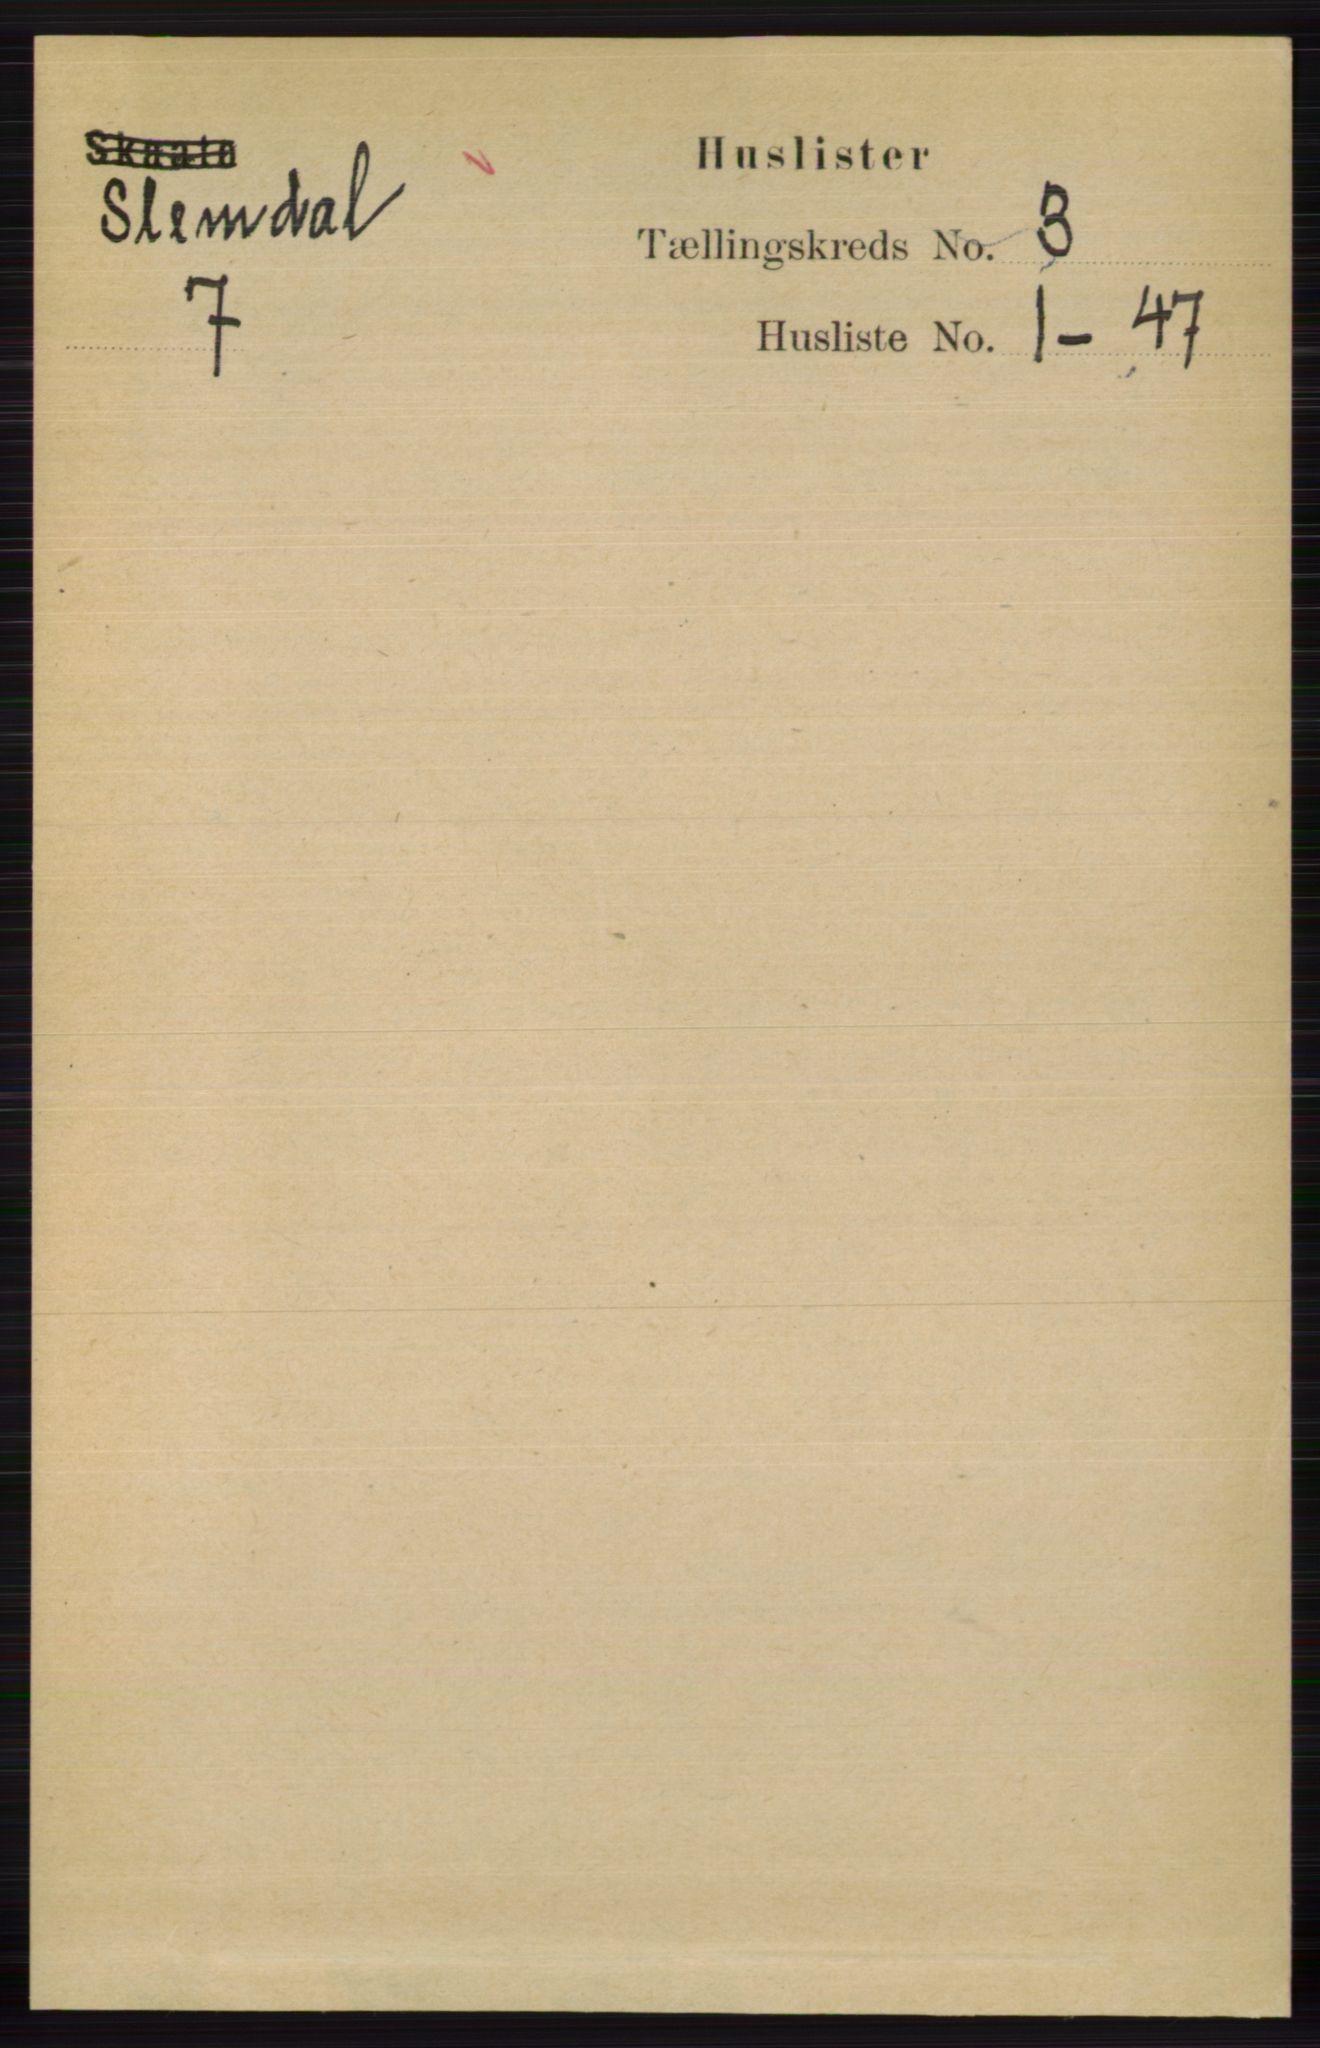 RA, Folketelling 1891 for 0811 Slemdal herred, 1891, s. 704